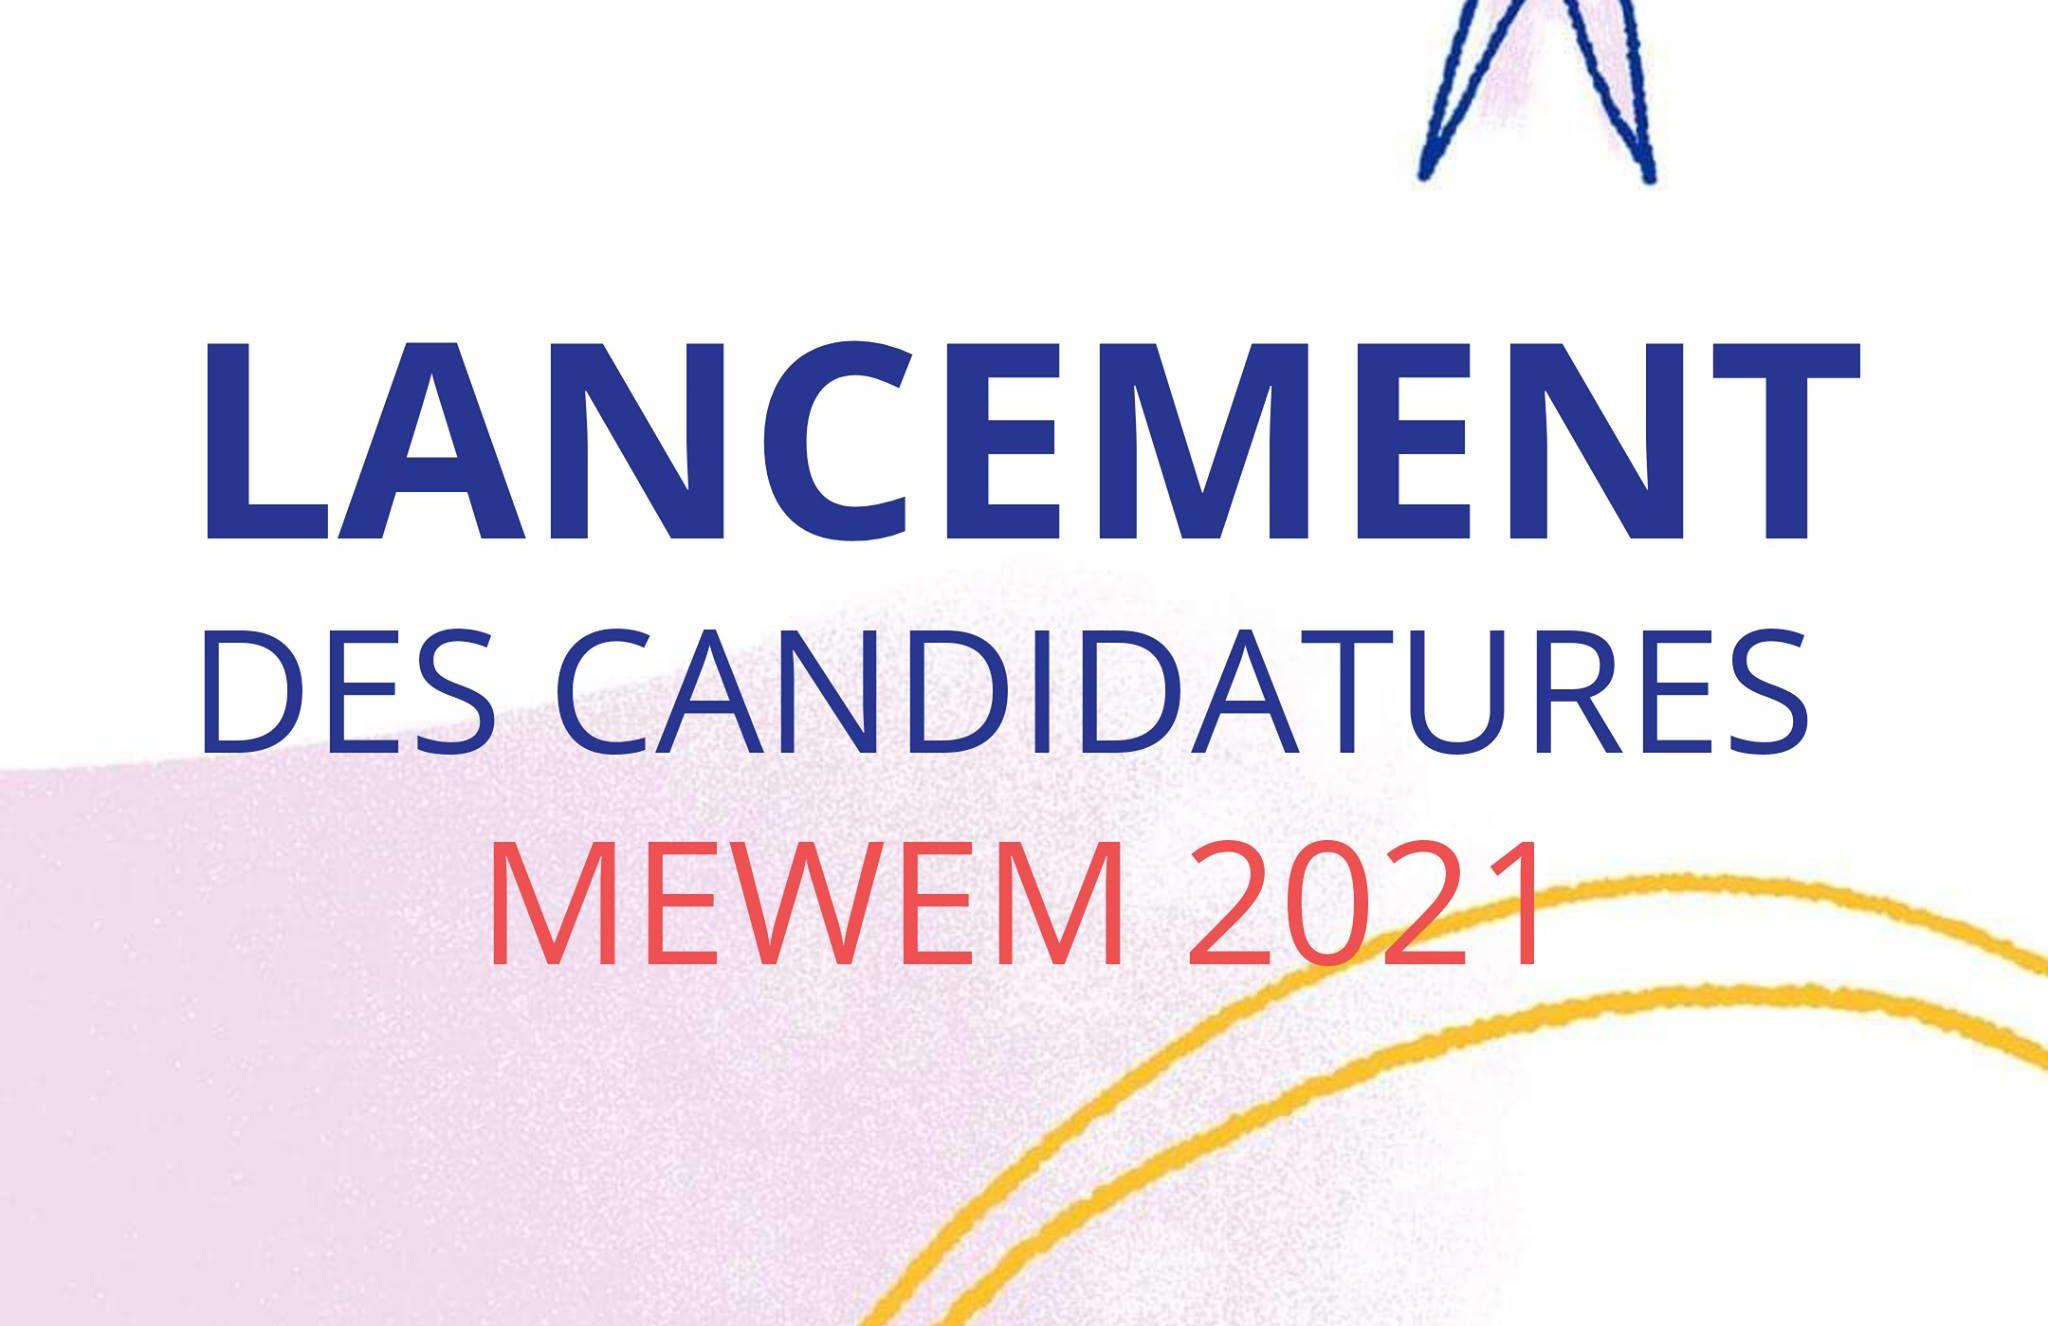 MEWEM 2021 LANCEMENT DES CANDIDATURES